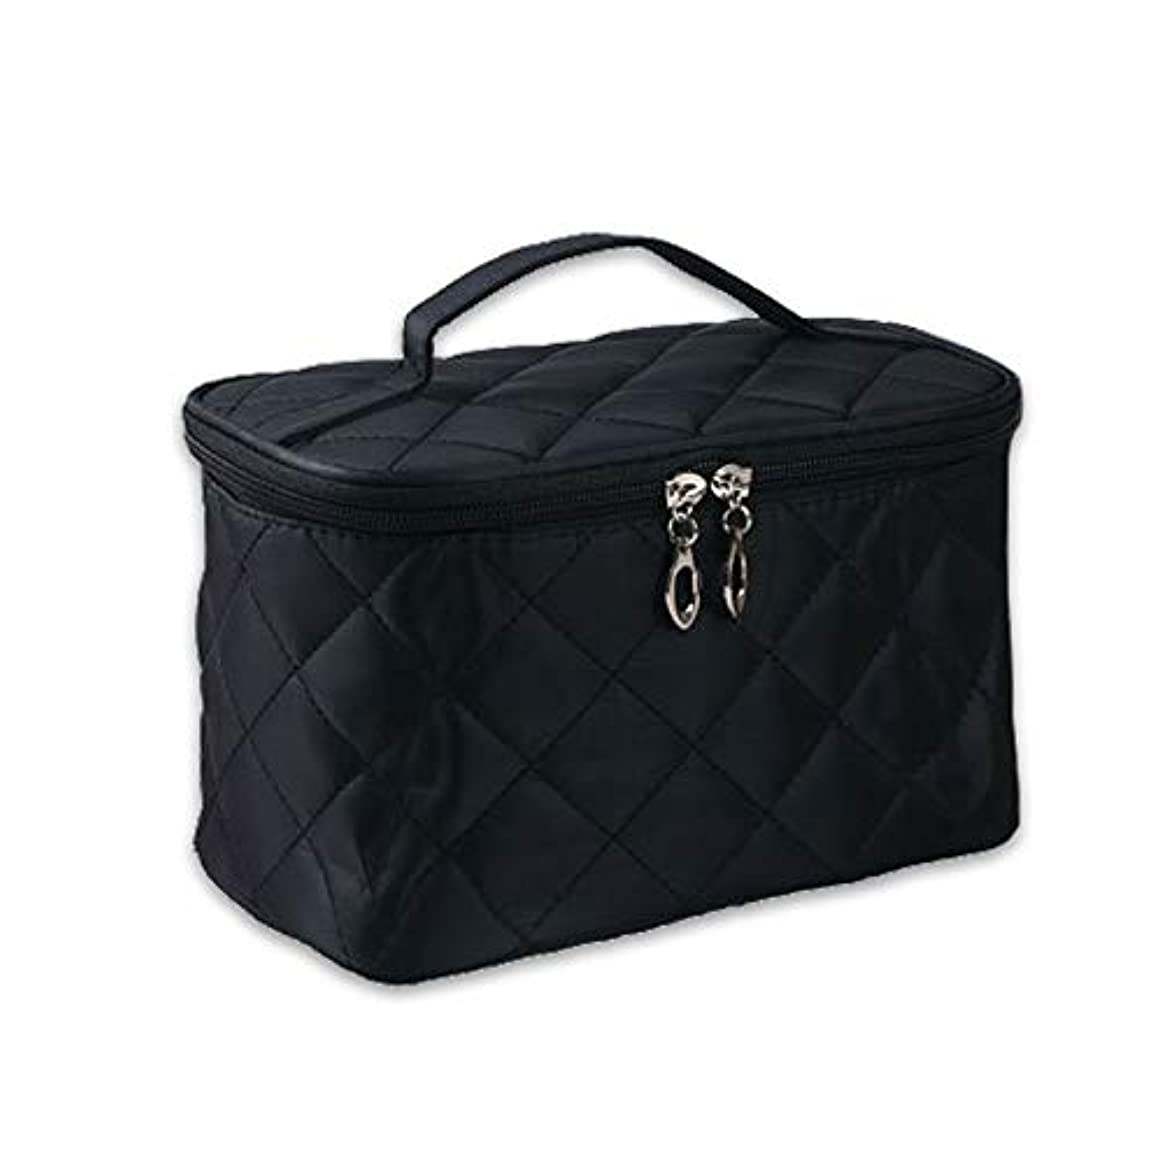 ありふれた趣味伝統的女性 化粧品メイクバッグ 収納オーガナイザーバッグ 剤洗浄ツール フォールド ジッパーデザイン ナイロン ブラック